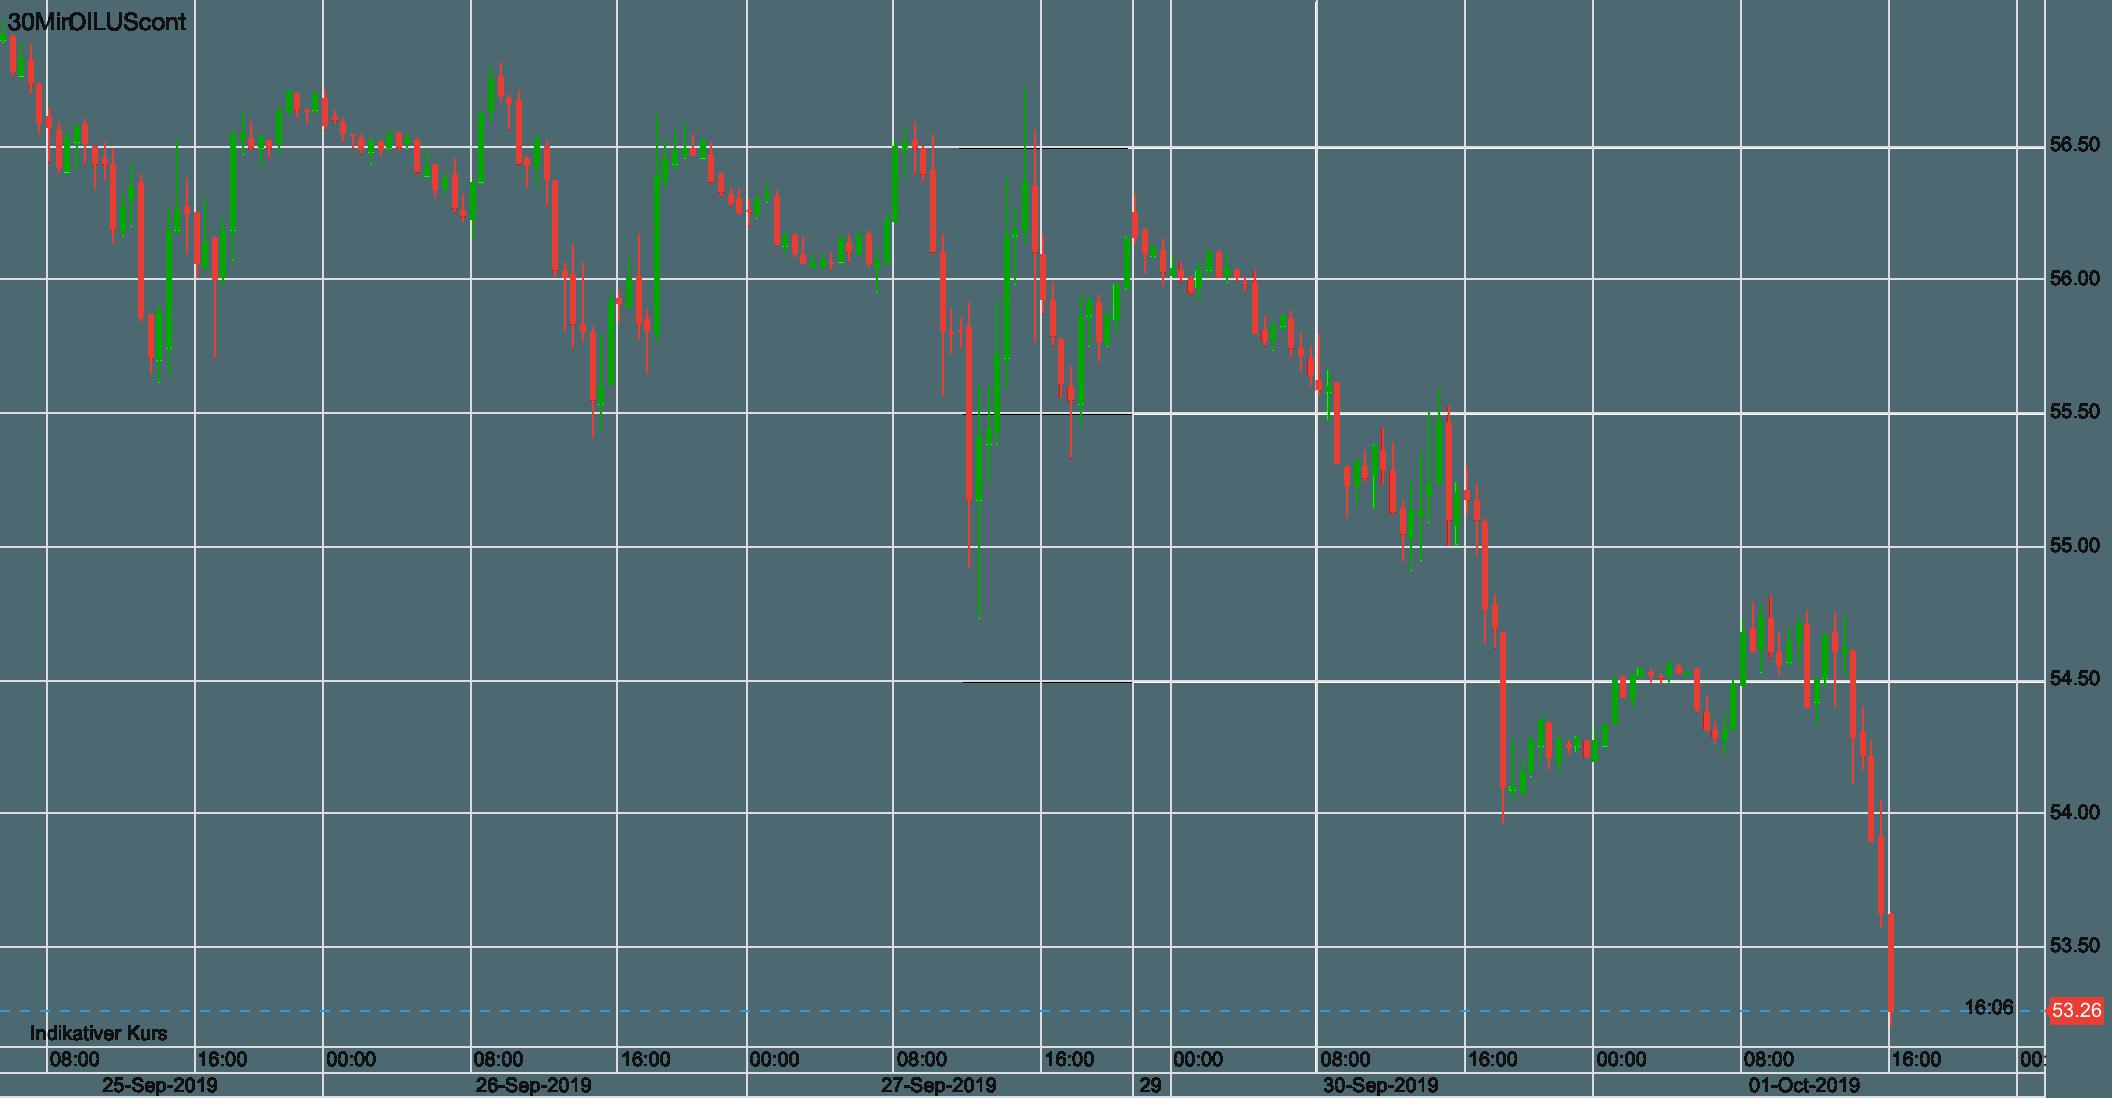 Ölpreis WTI seit letztem Mittwoch